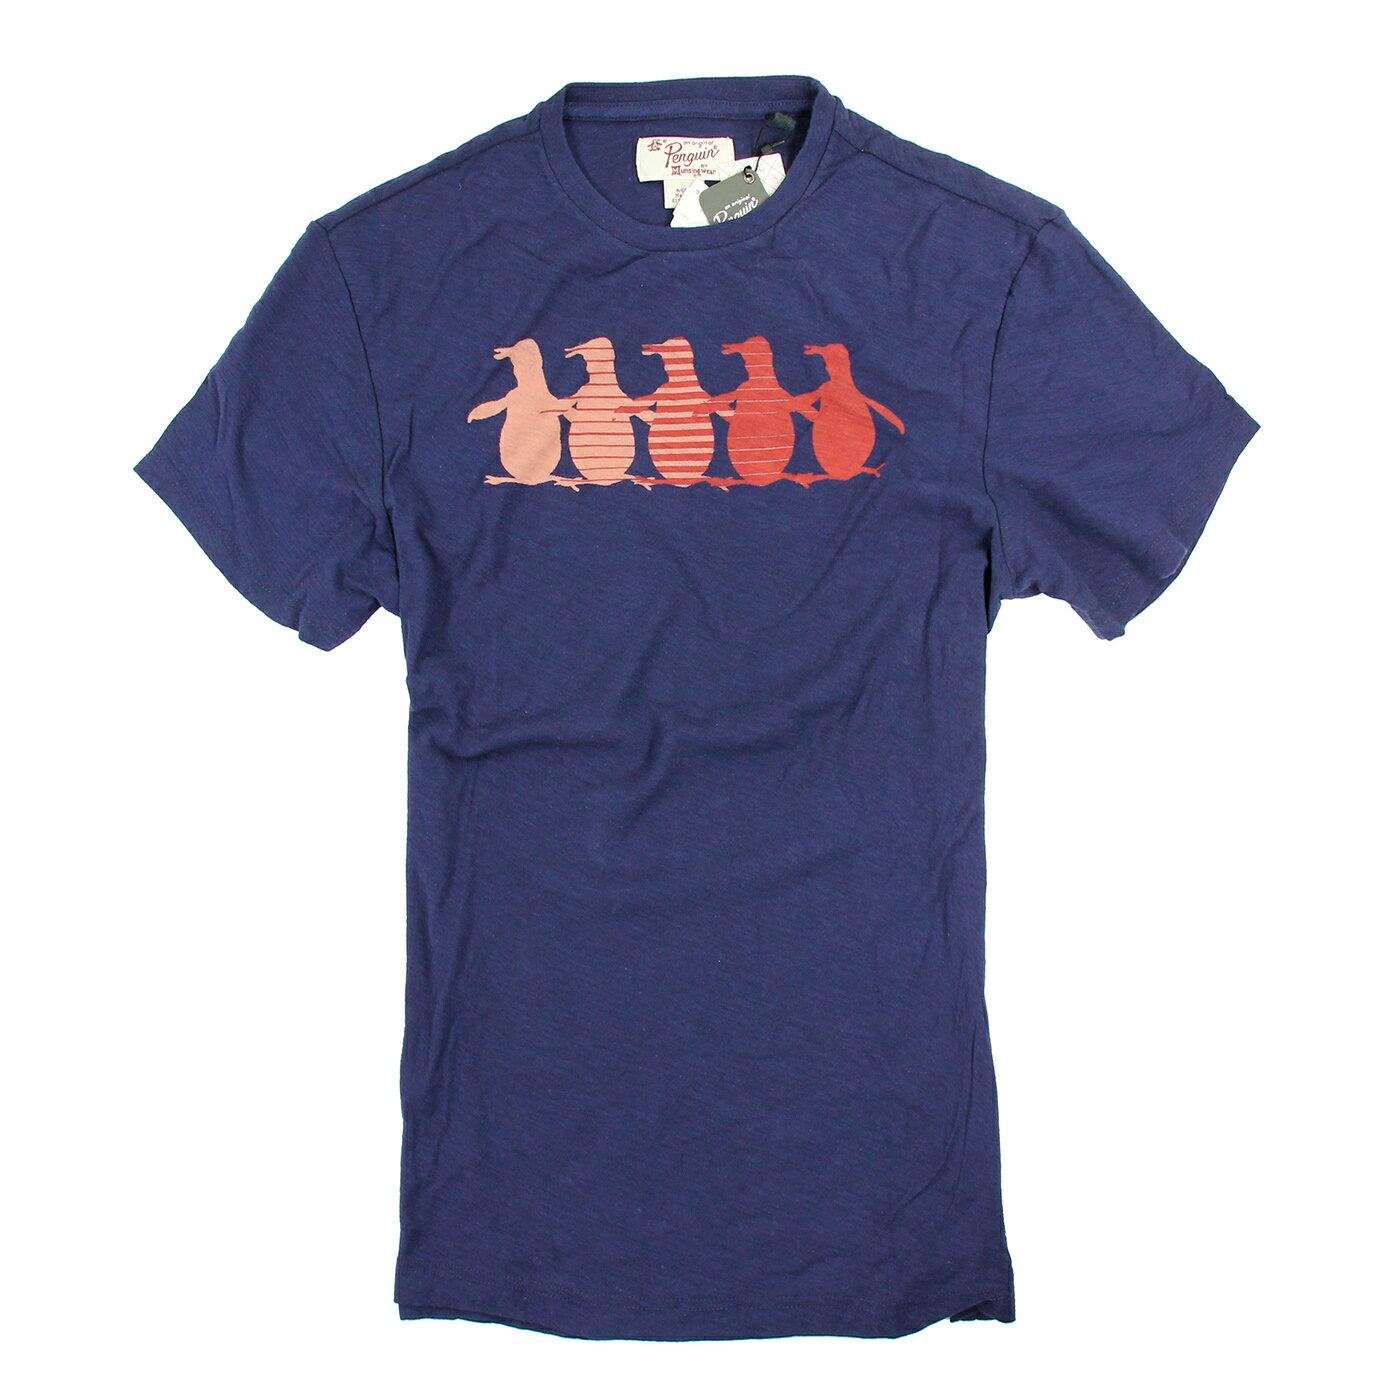 美國百分百【Penguin by Munsingwear】企鵝 男 T-shirt 深藍色 T恤 短袖 S號 D065